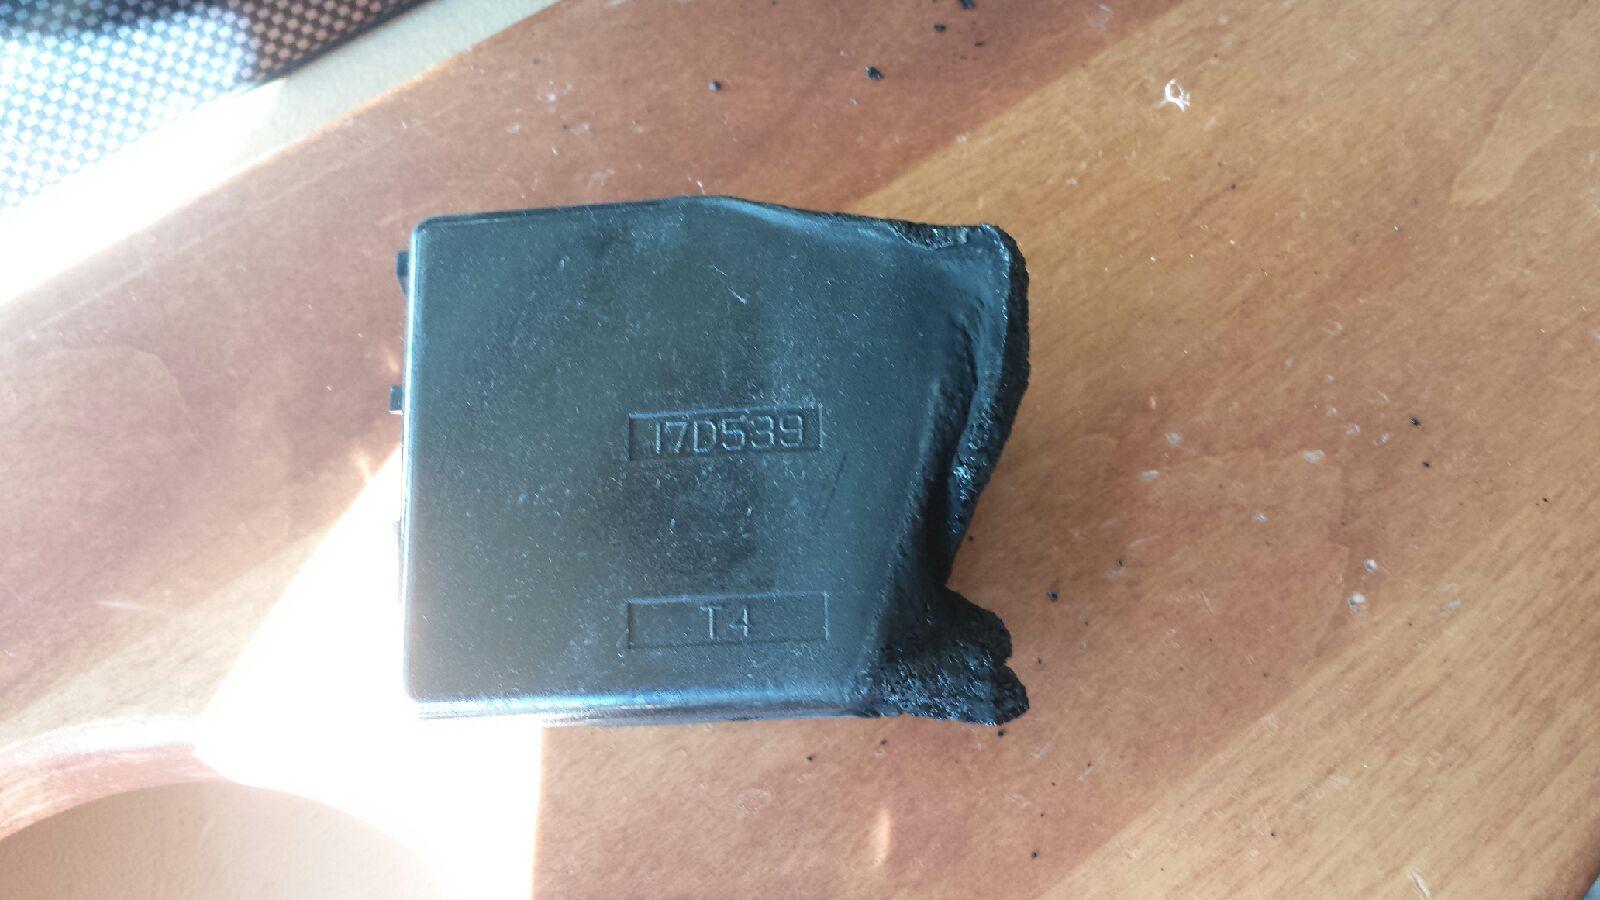 Landau Georgie Boy Wiring Diagram F53 Manual 2003 Workhorse Chis Wiper Controller Issue Irv2 Forums F